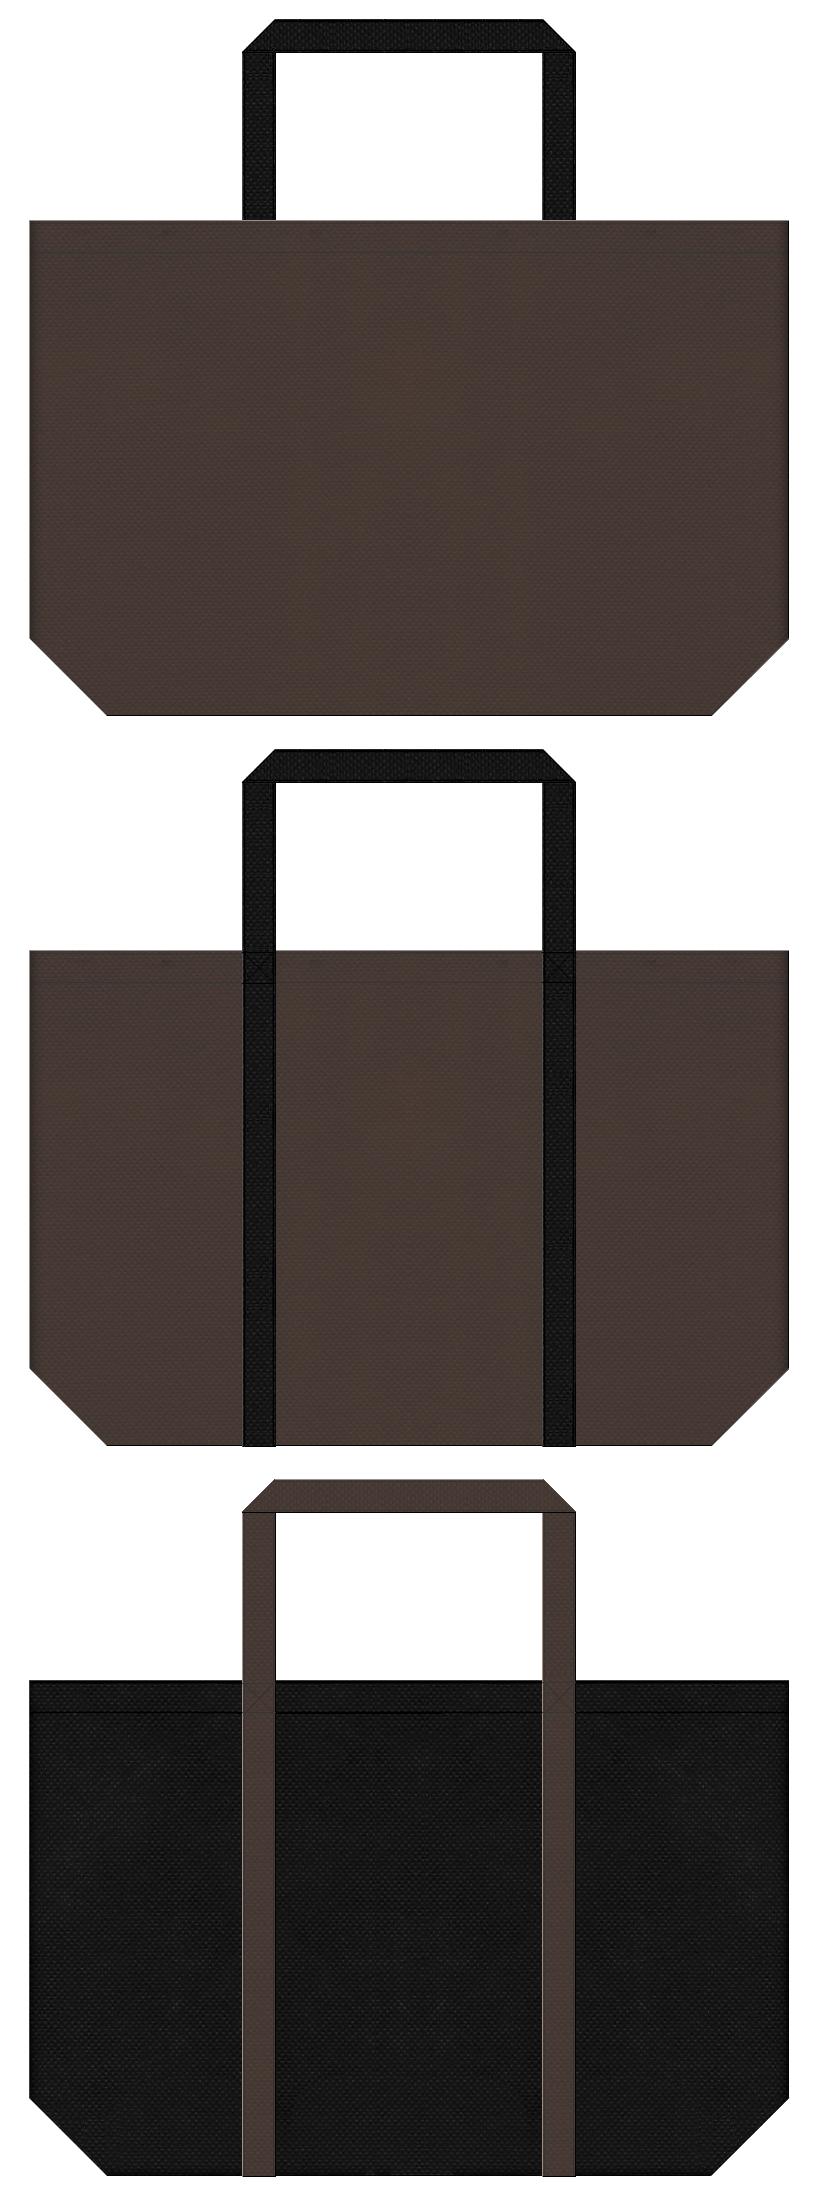 ミステリー・ホラー・アクションゲーム・シューティングゲーム・対戦型格闘ゲーム・お城イベント・巻物・武芸・道場・書道・印籠・戦国・忍者・コスプレ衣装のショッピングバッグにお奨めの不織布バッグデザイン:こげ茶色と黒色のコーデ